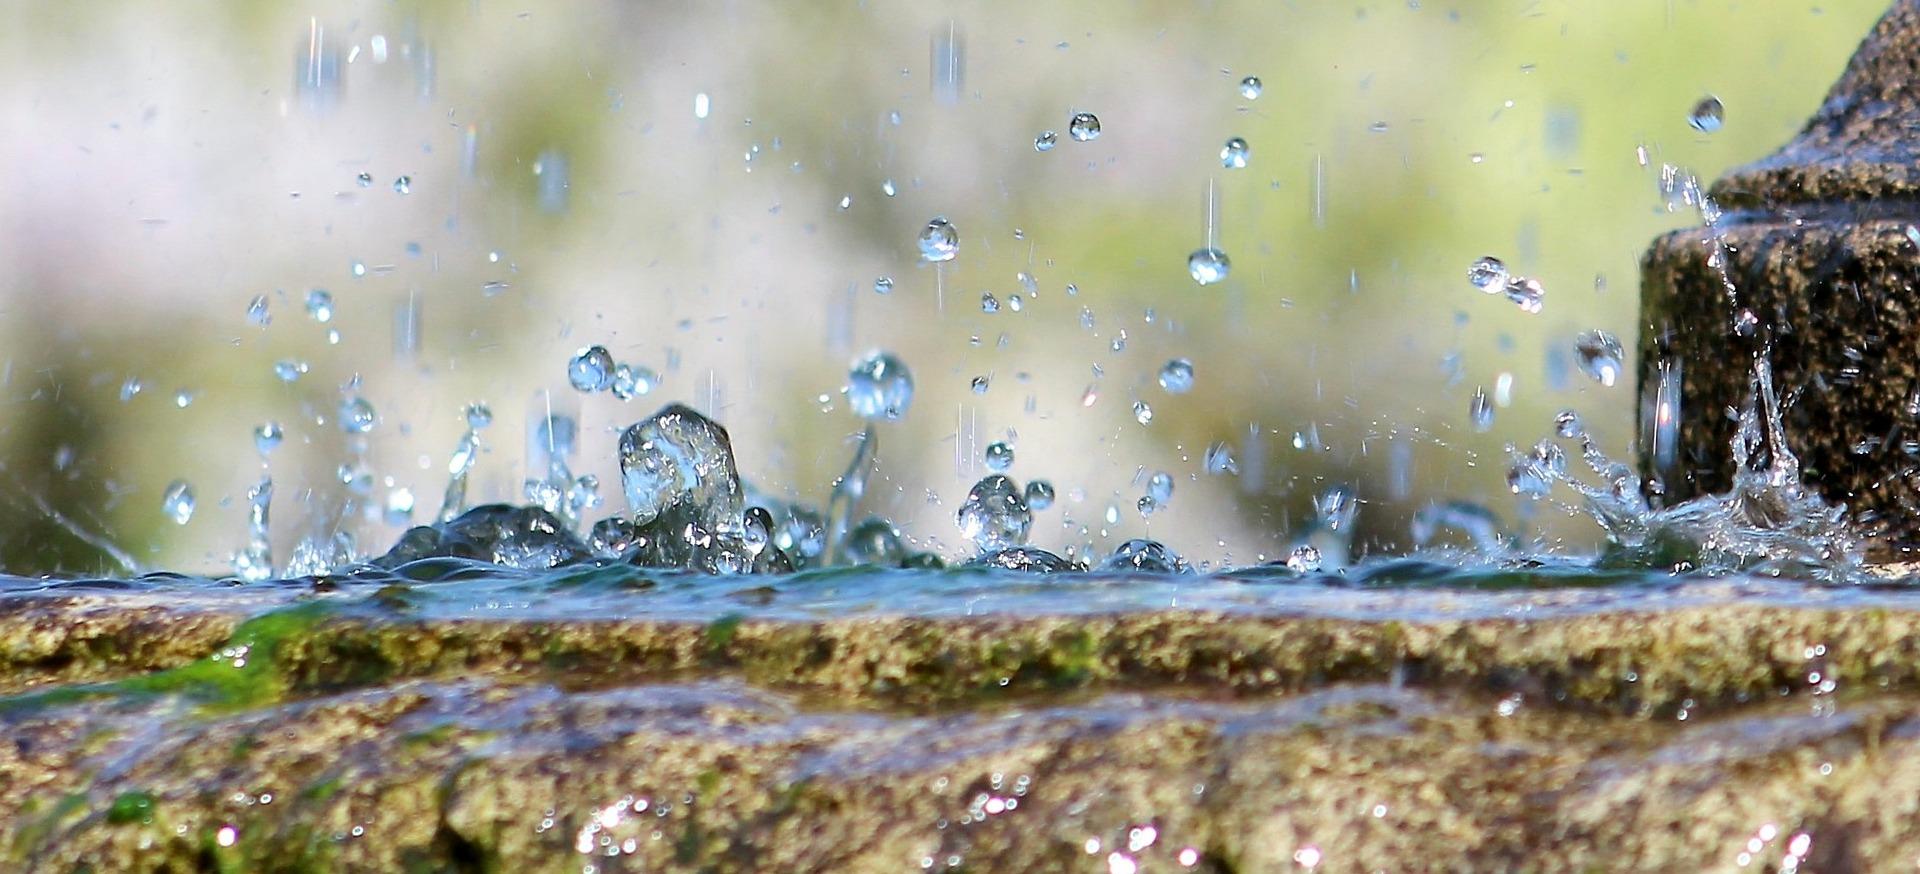 قطرات المطر - rain drops